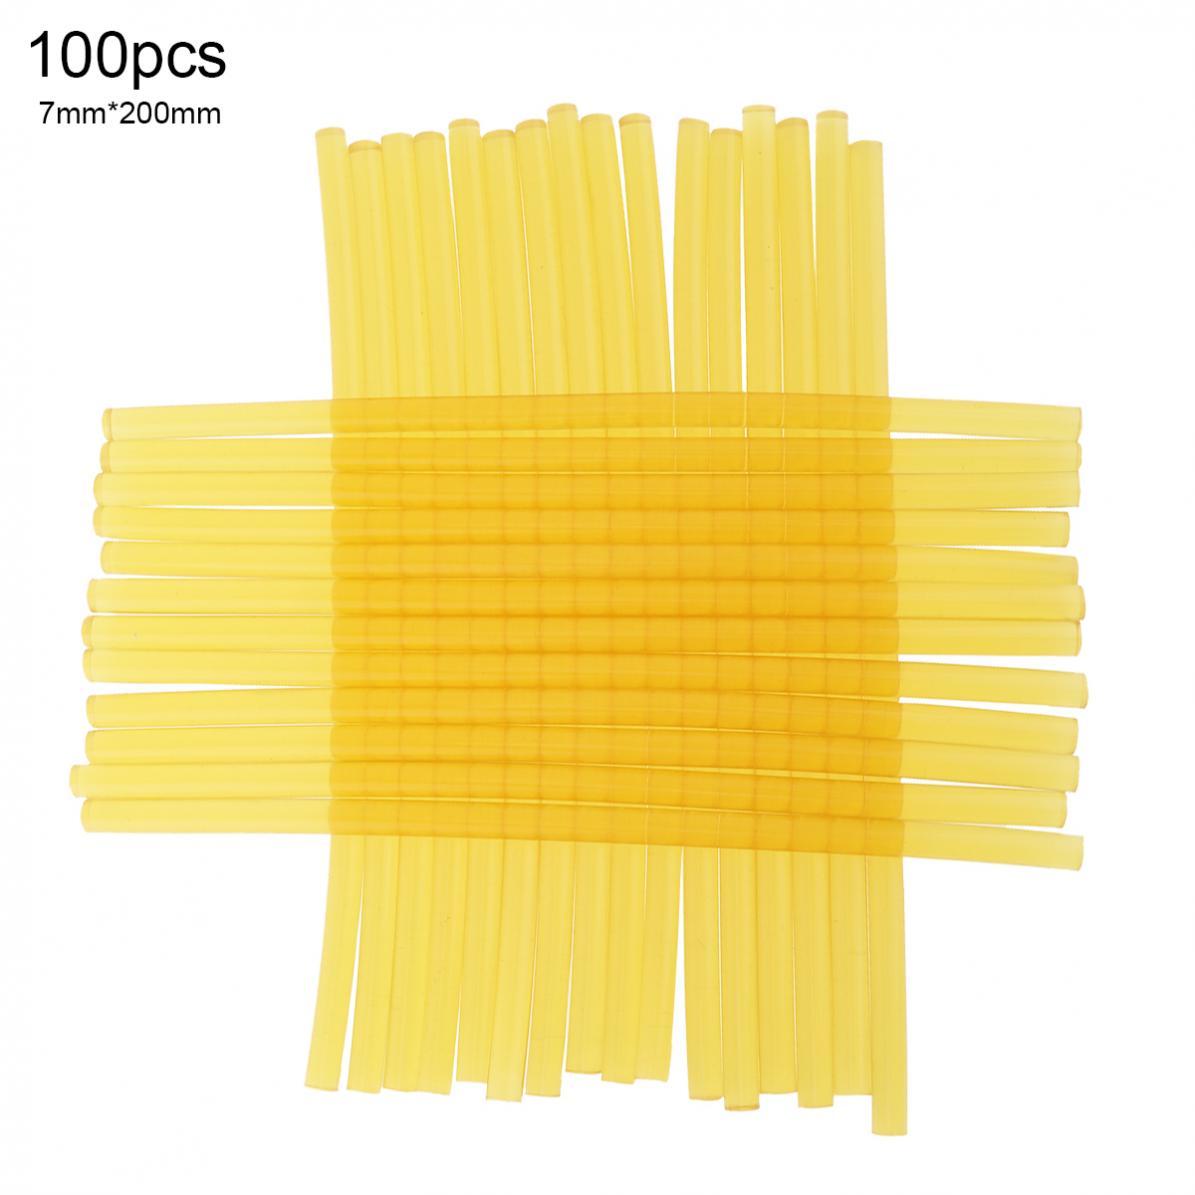 100 unids/lote 7mm x 200mm amarillo fuerte viscosa pistola de fusión en caliente barras de pegamento herramientas de protección del medio ambiente para pistola de pegamento de fusión en caliente